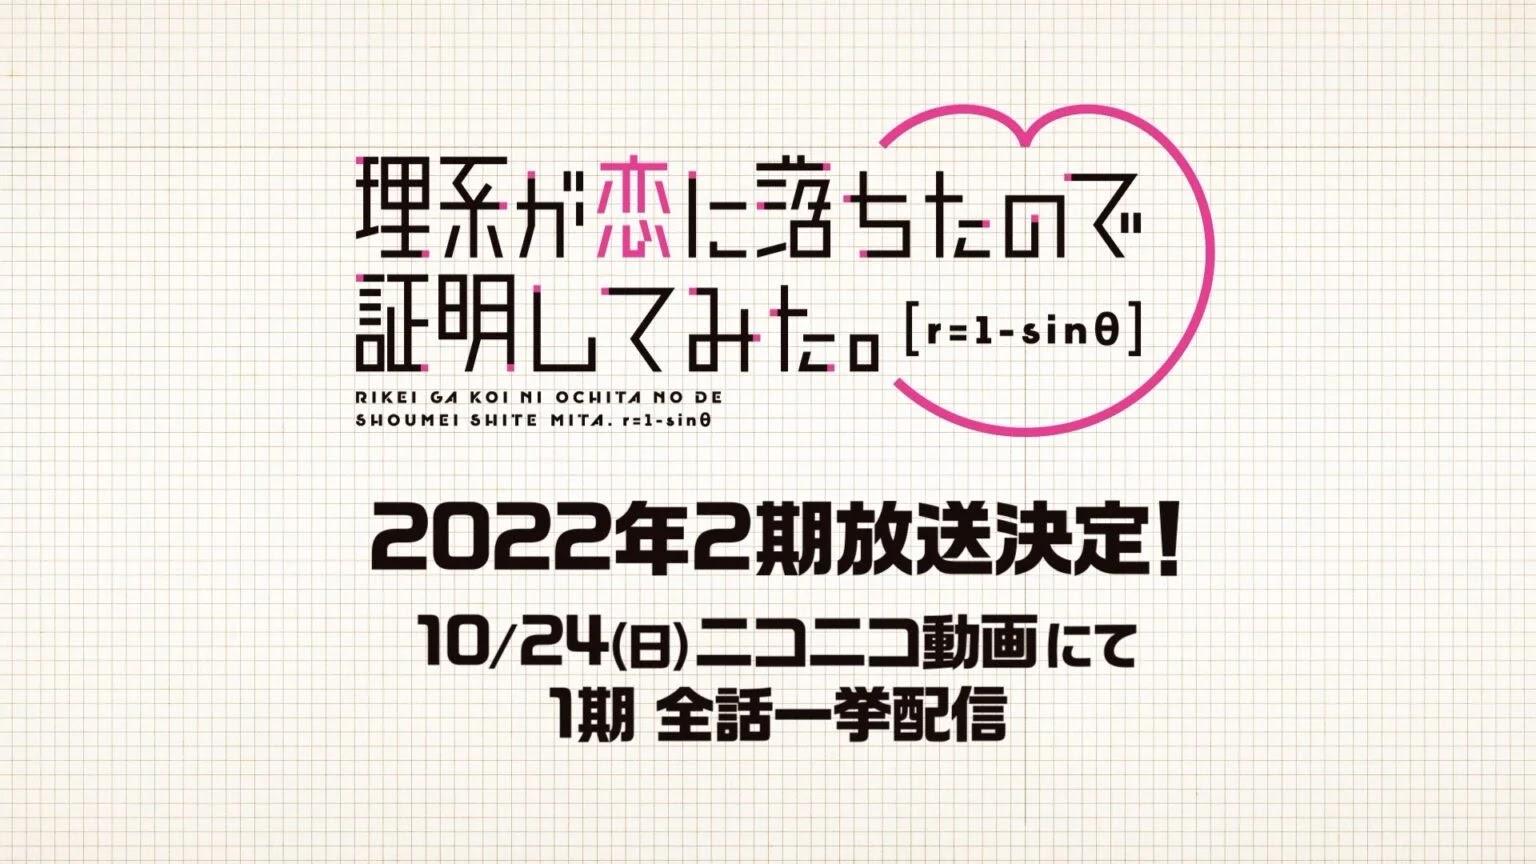 Anime Rikei ga Koi ni Ochita no de Shoumei shitemita revela o Titulo de sua Segunda Temporada